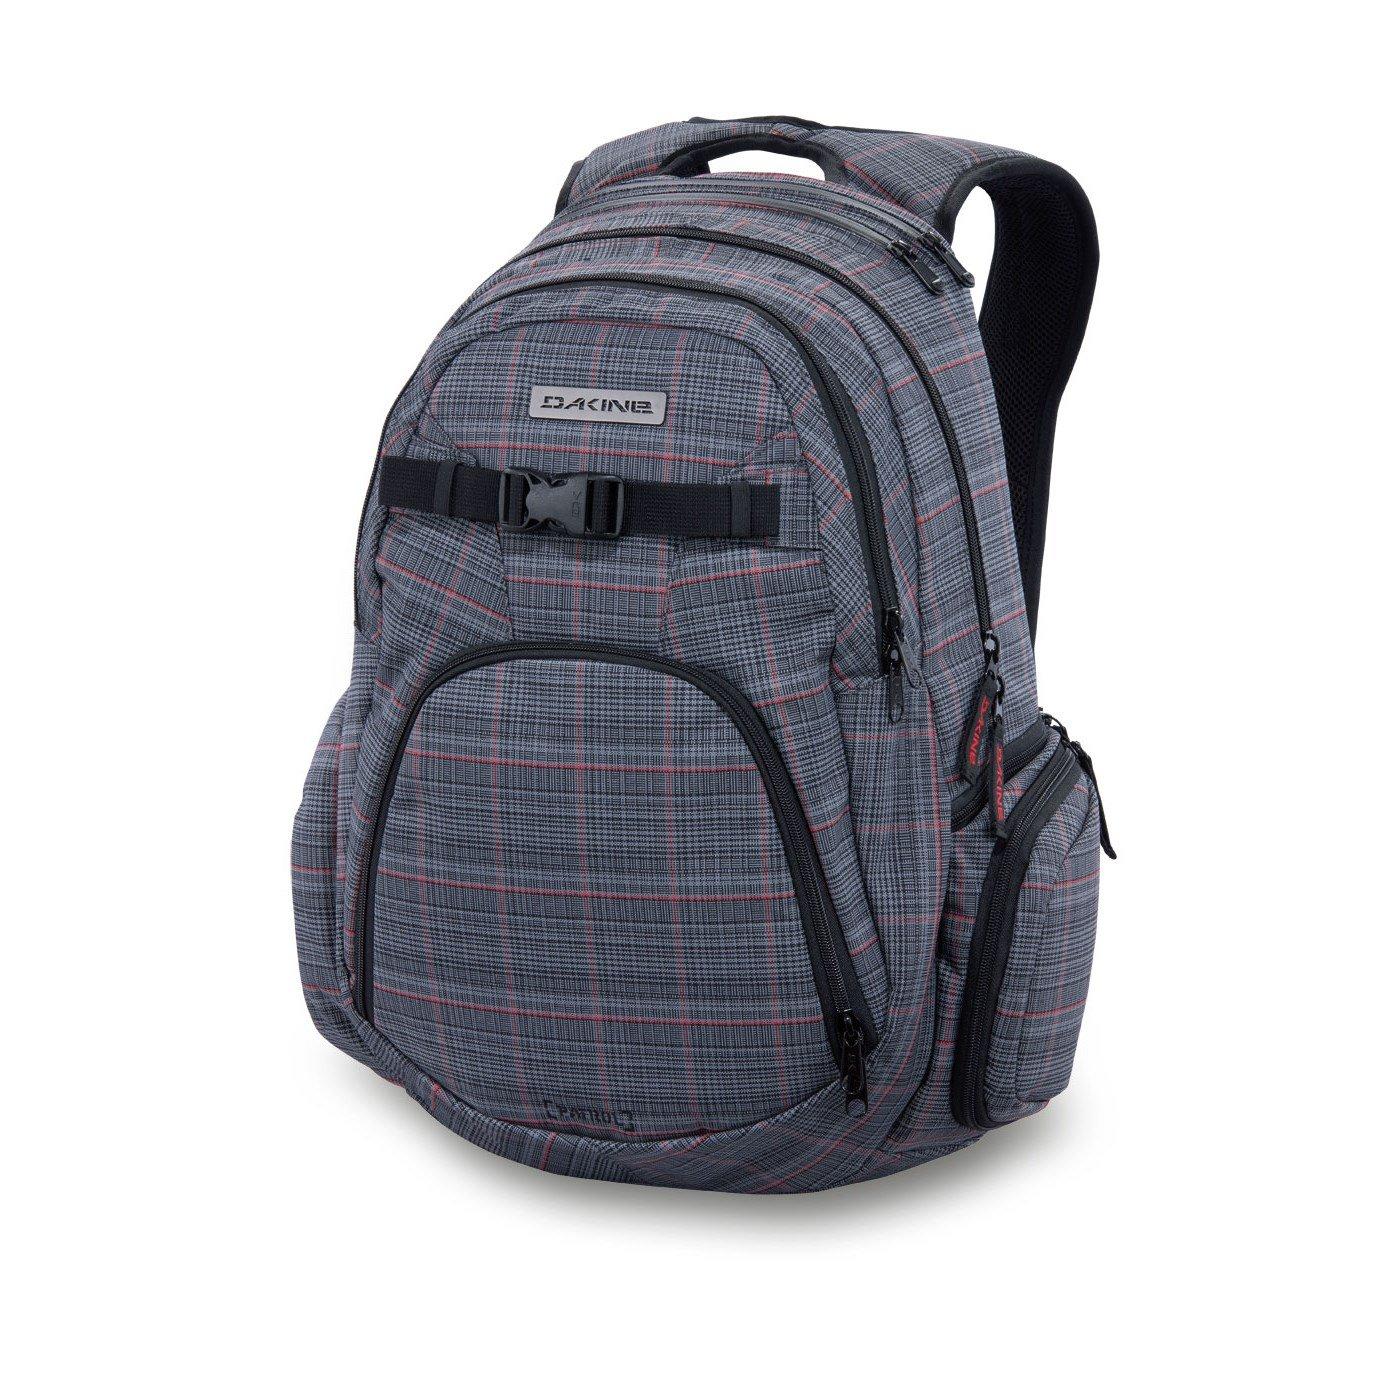 DaKine Patrol Laptop Backpack | evo outlet